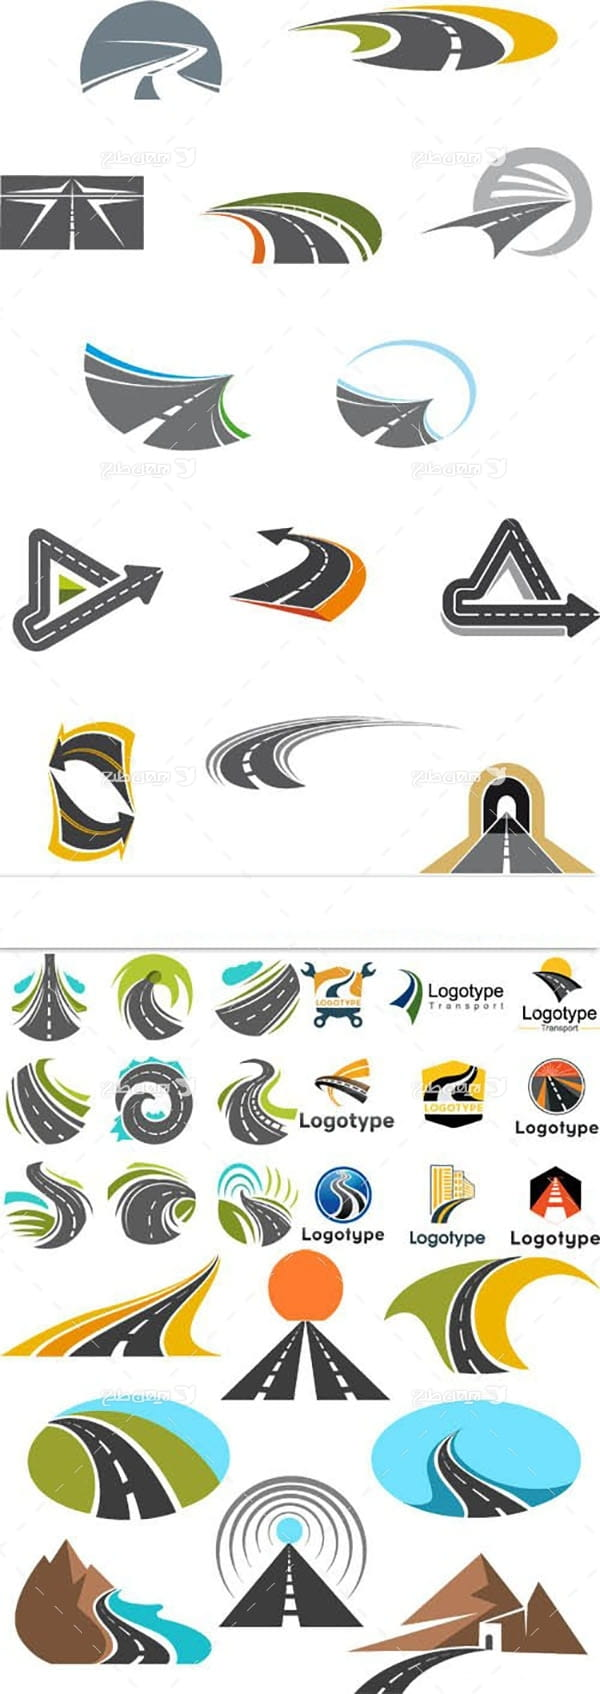 لوگو با موضوع راه و جاده سازی